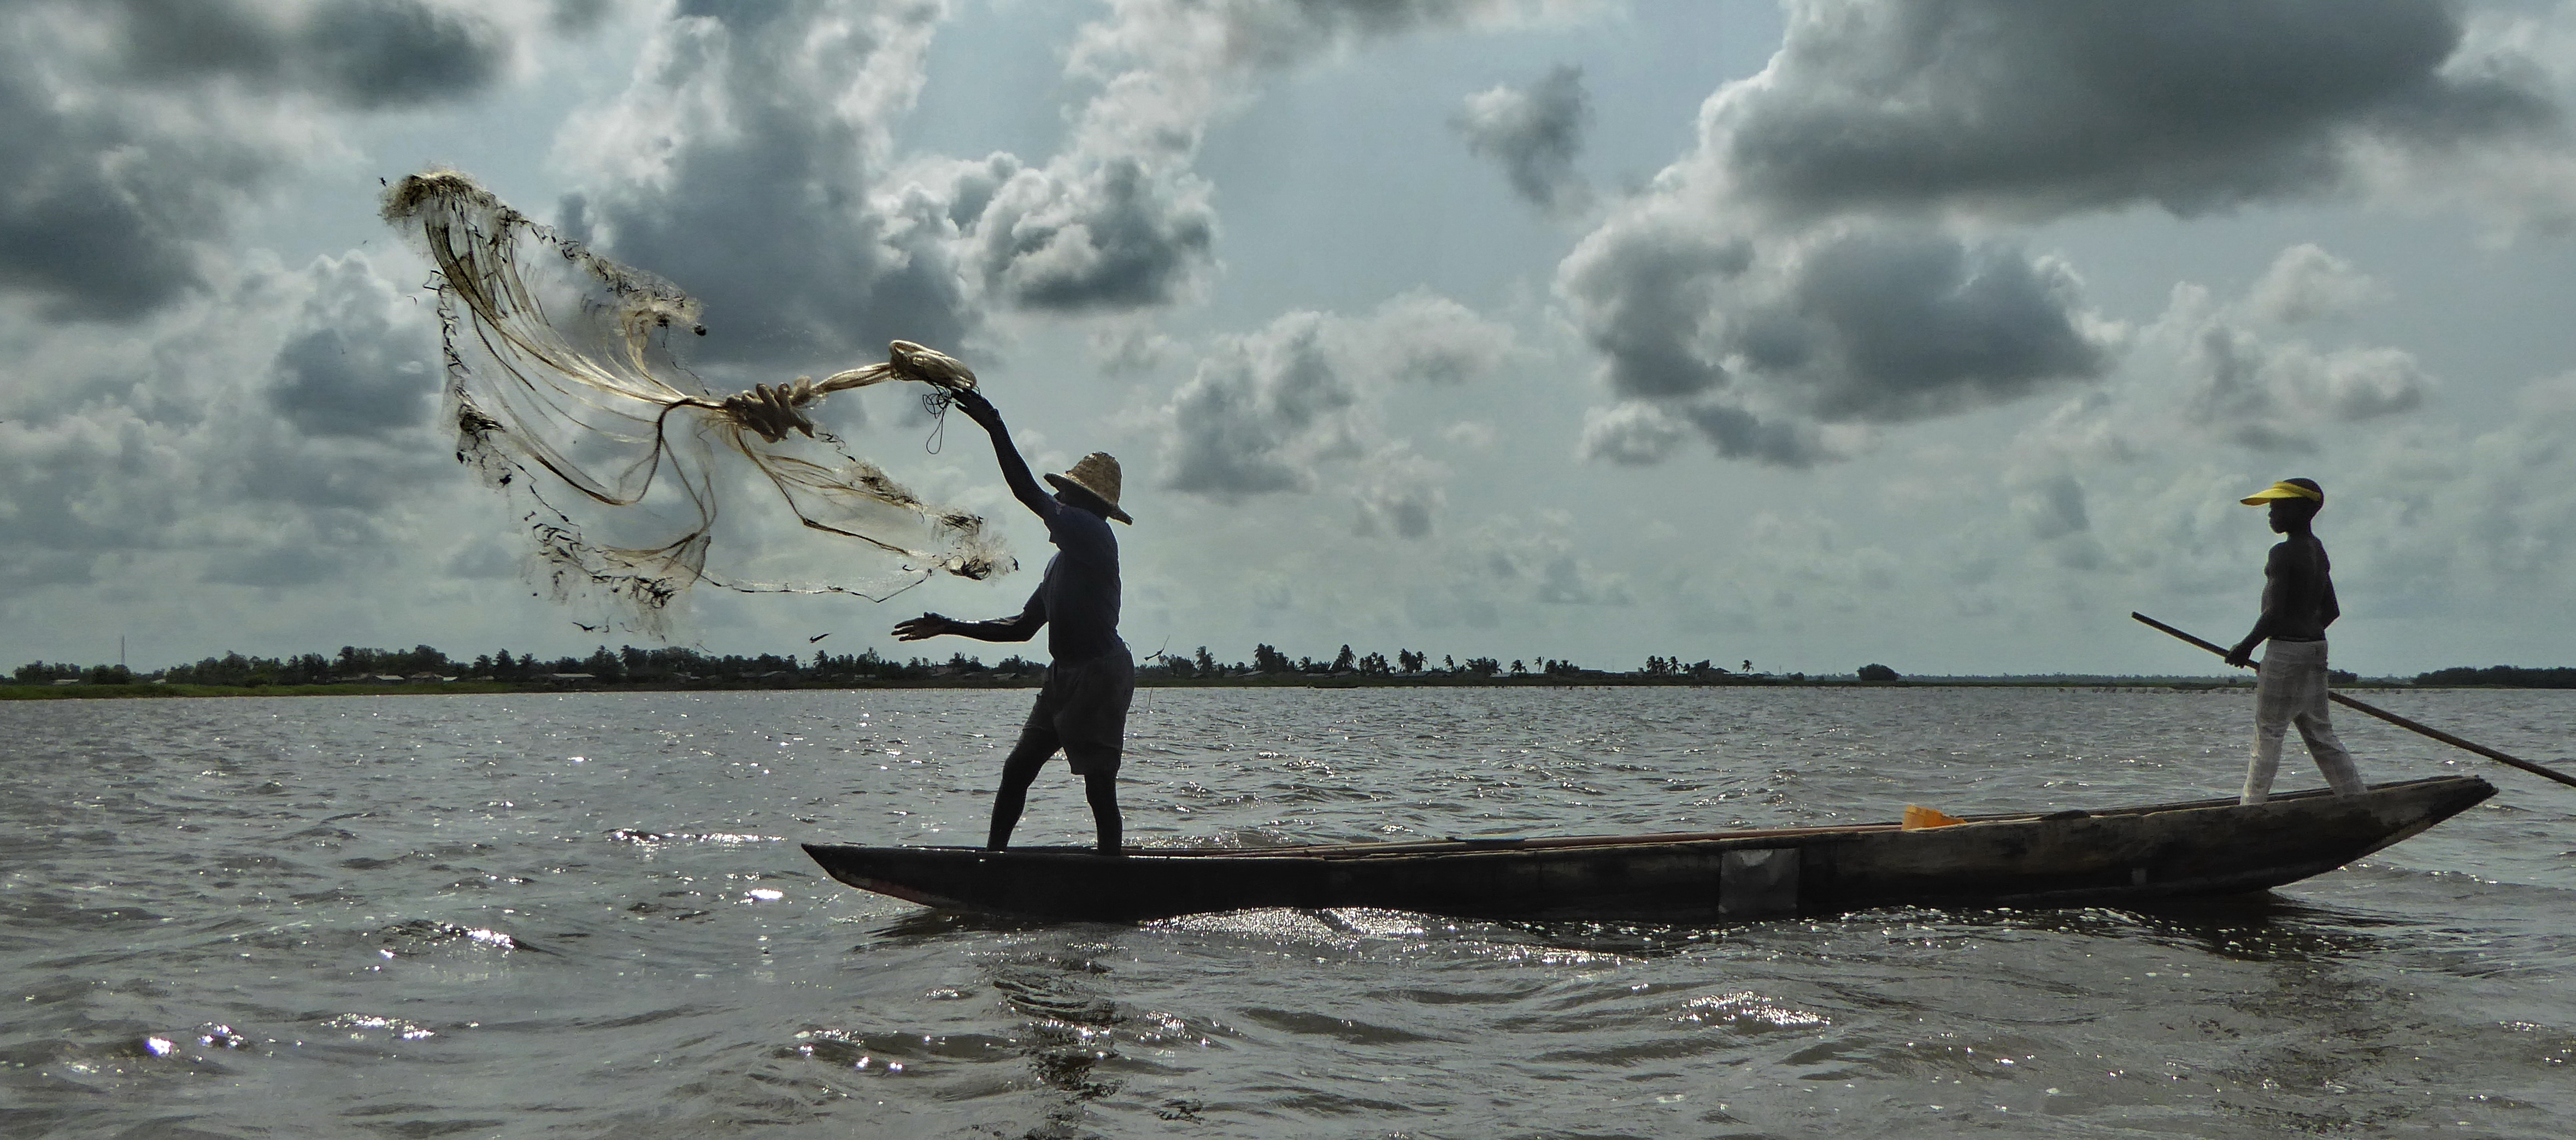 Bénin: Amétépé Louis Victor, victime de sa détermination à mettre fin aux pillages des ressources financières par l'administration des pêches.